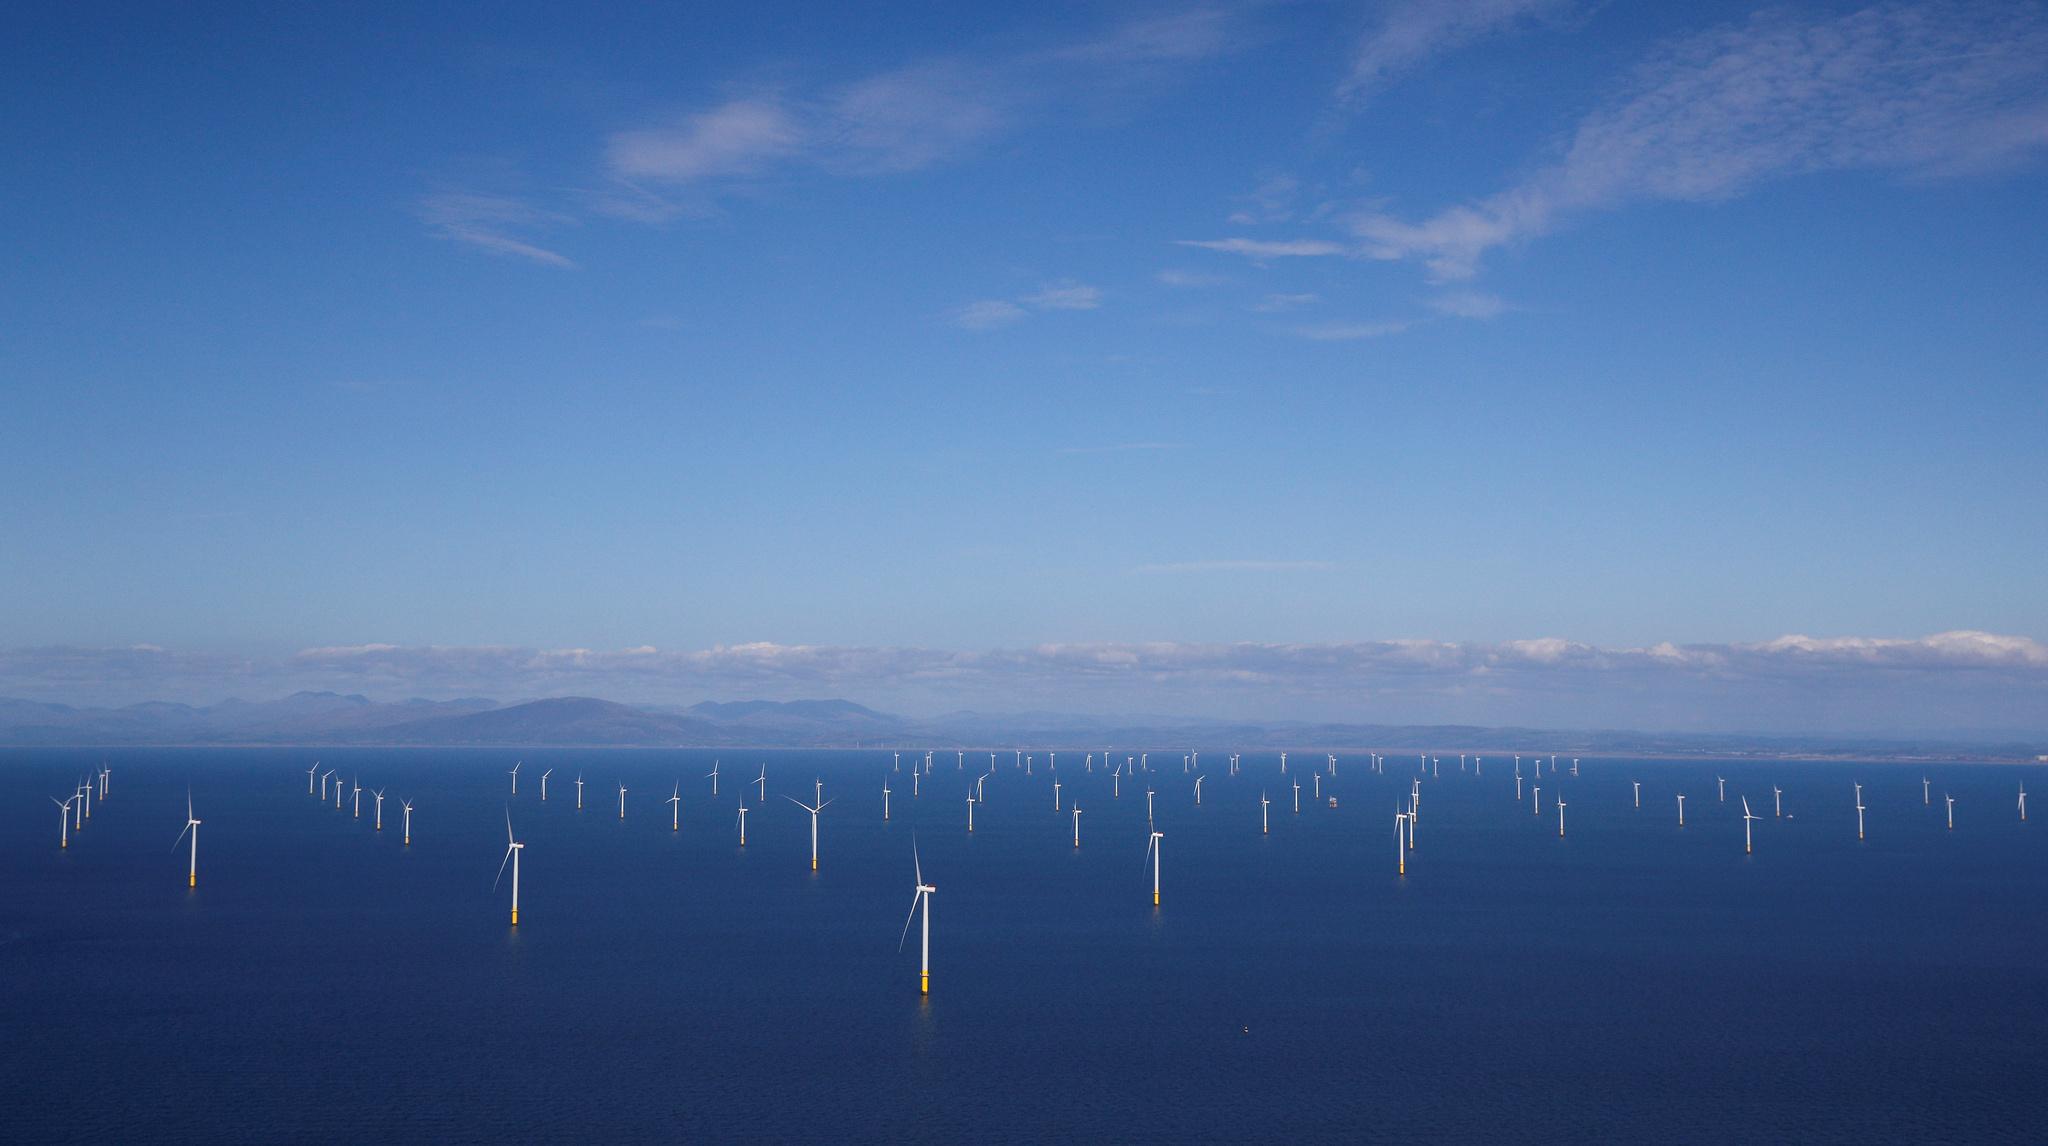 Offshore-Windkraft: Das ungenutzte Potenzial auf dem Meer